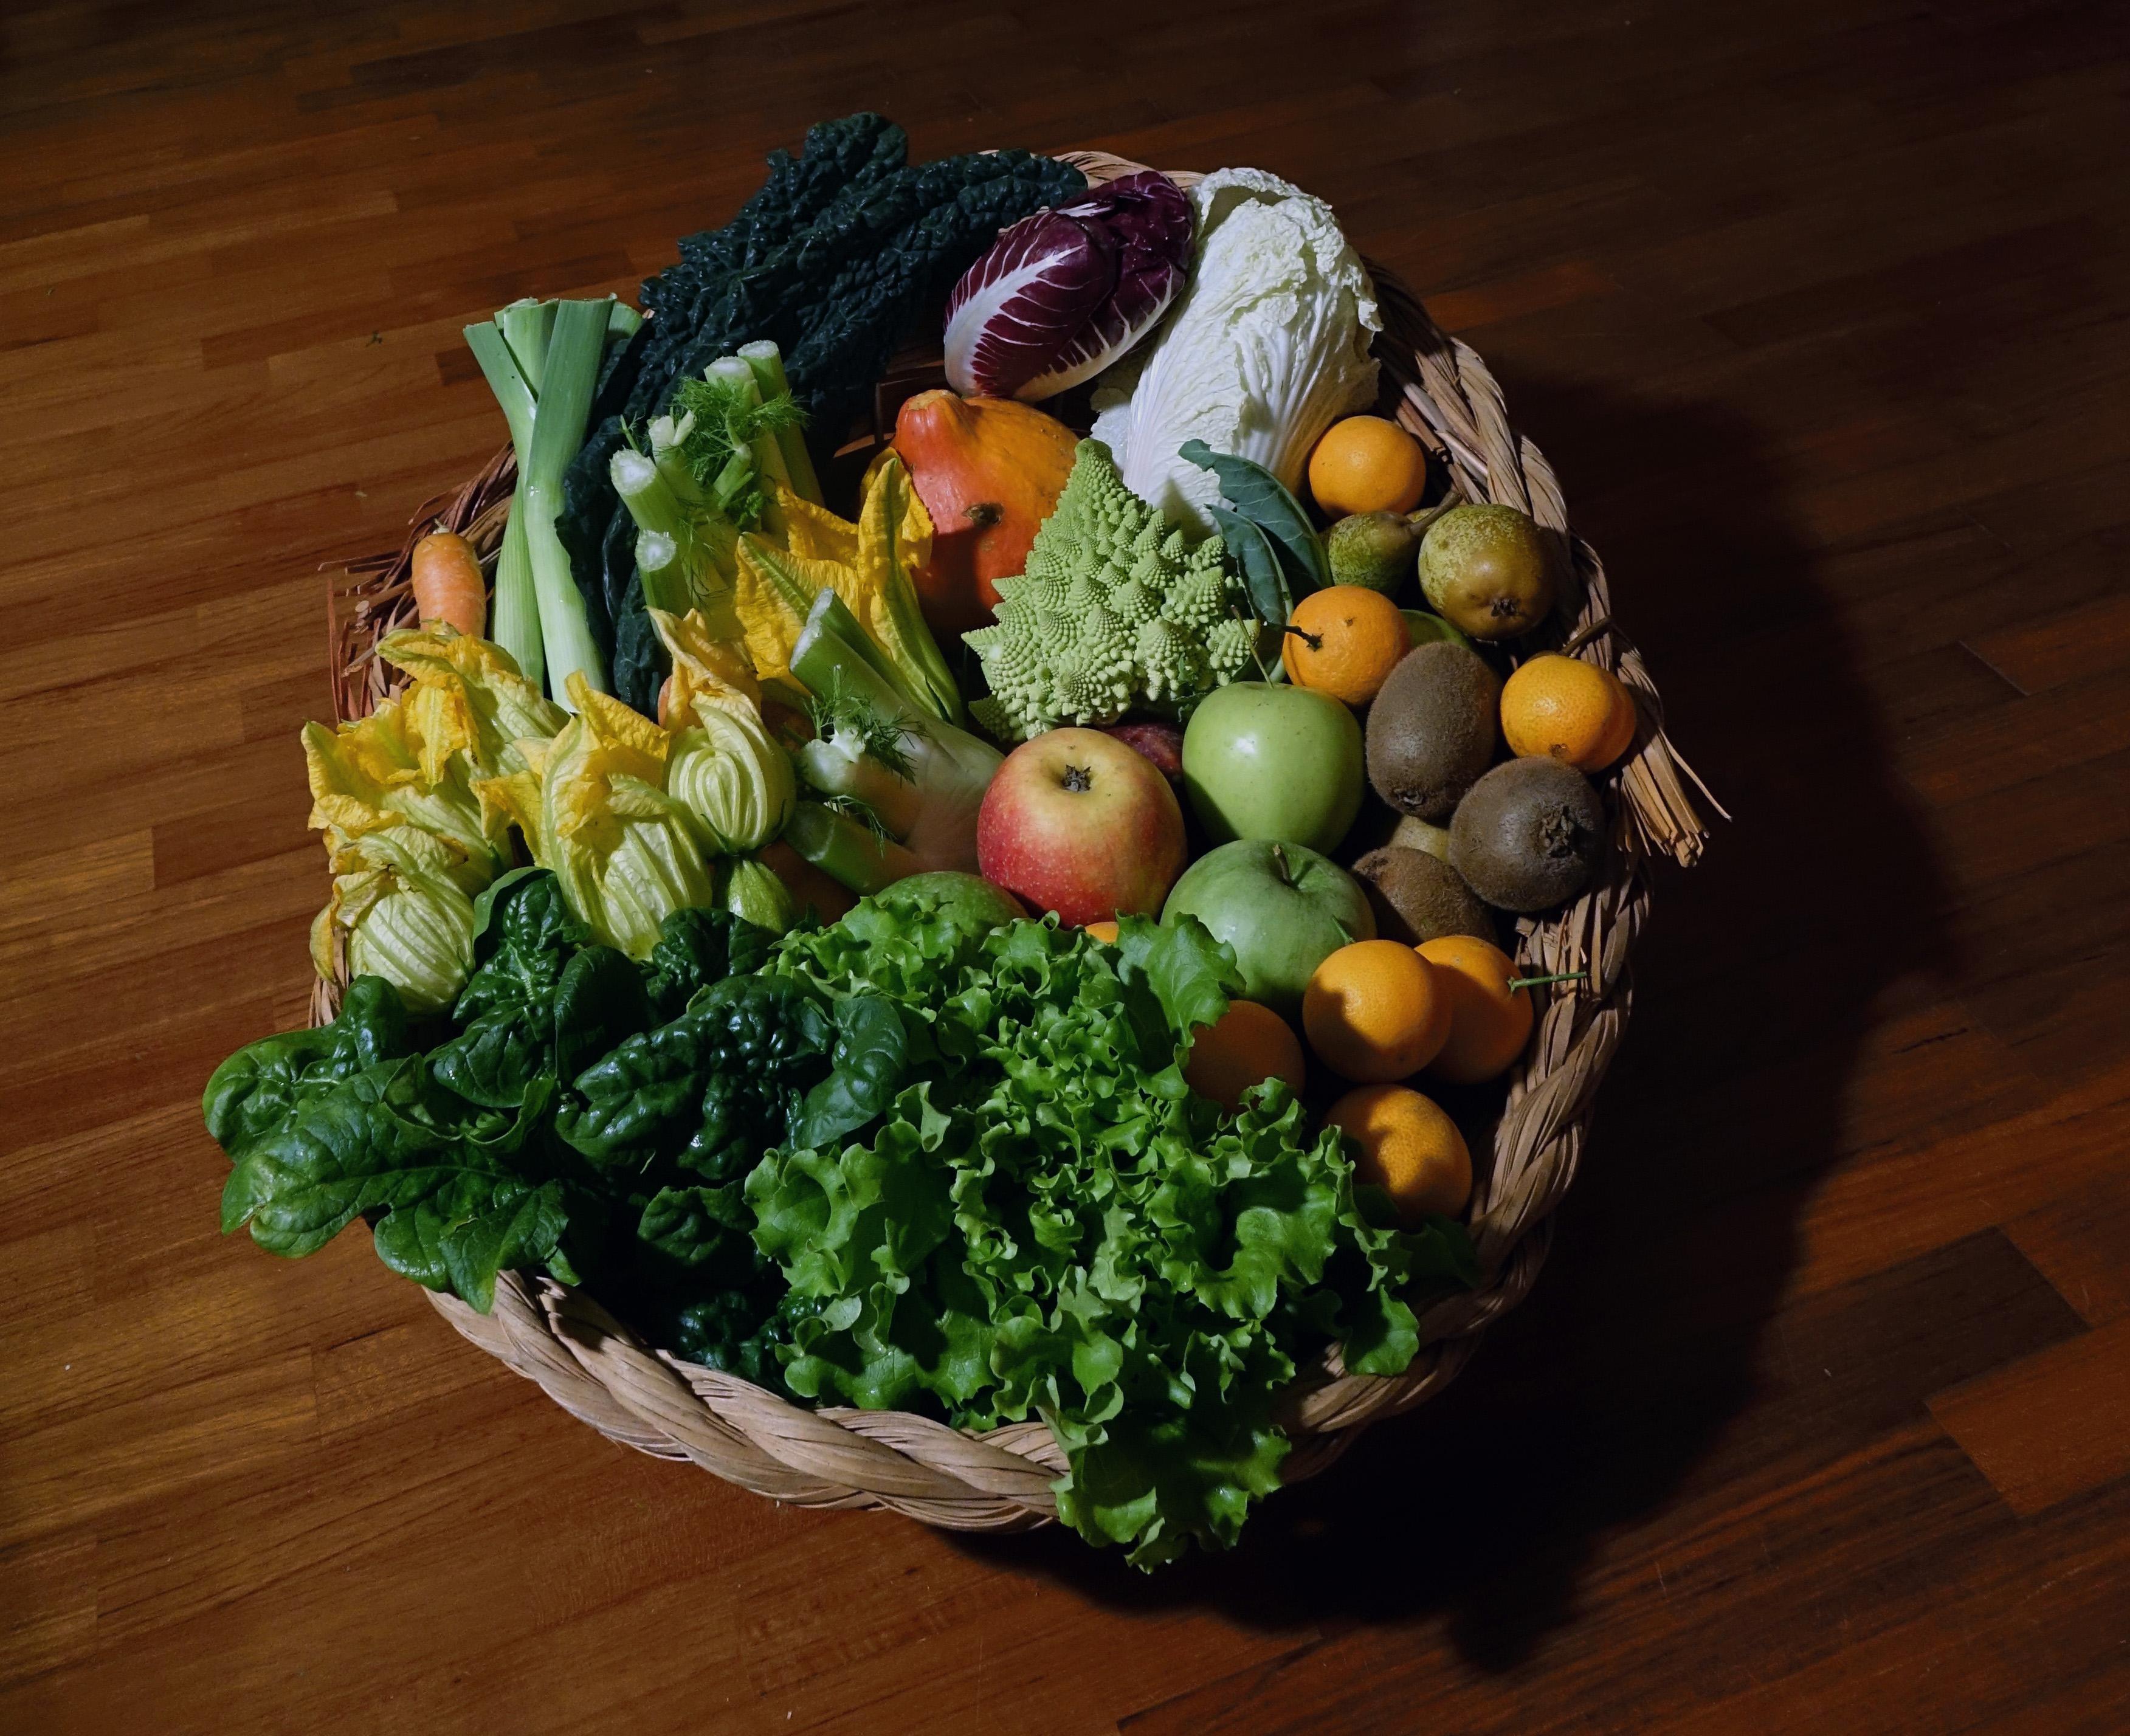 Pacchetto Da 8 Cesti Di Verdura Di Frutta Misti Verdura Frutta